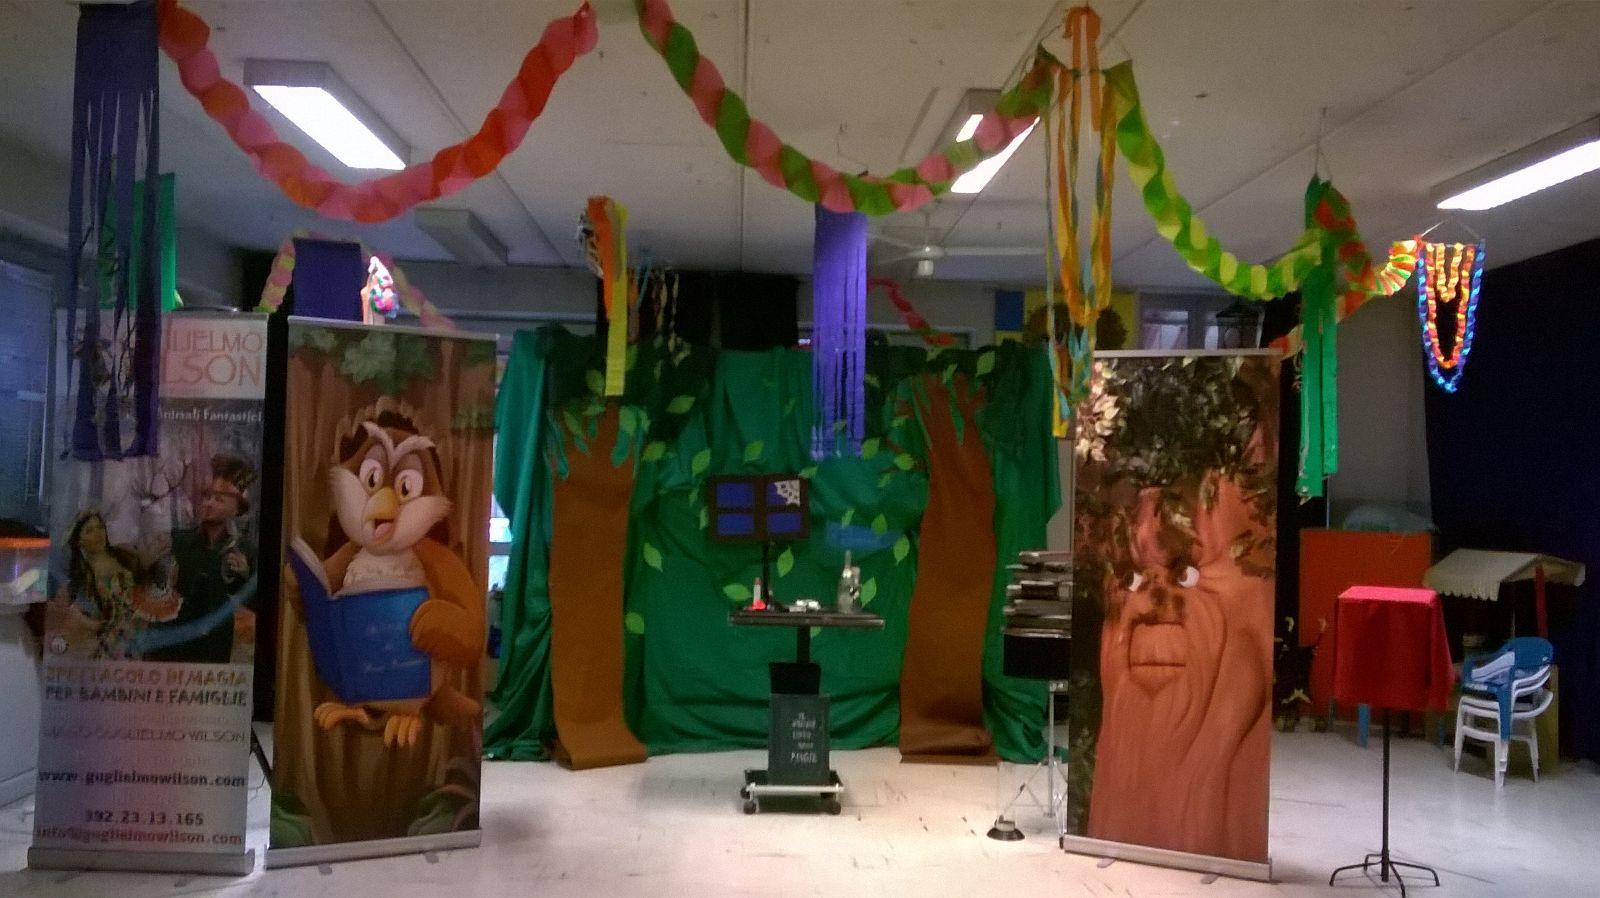 La sala super addobbata per il Carnevale e noi ci buttiamo a pesce con il nostro spettacolo!